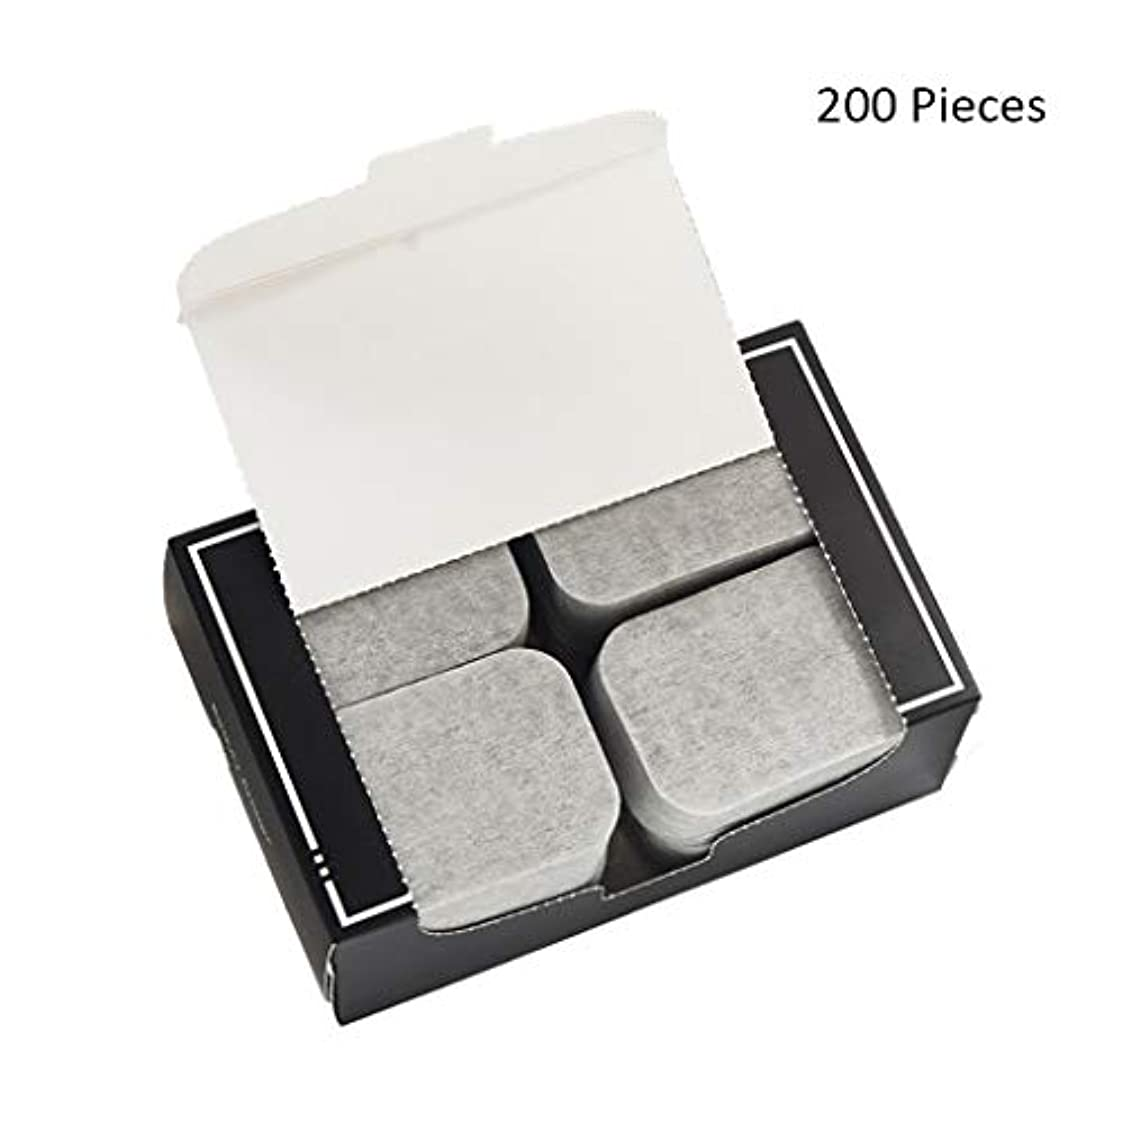 支援する難しいフォームクレンジングシート 200ピースフェイスメイクアップリムーバー竹炭コットンパッドソフトクレンジングメイクピュアコットン両面スライス 落ち水クレンジング シート モイスト (Color : Gray, サイズ : 7*5cm)